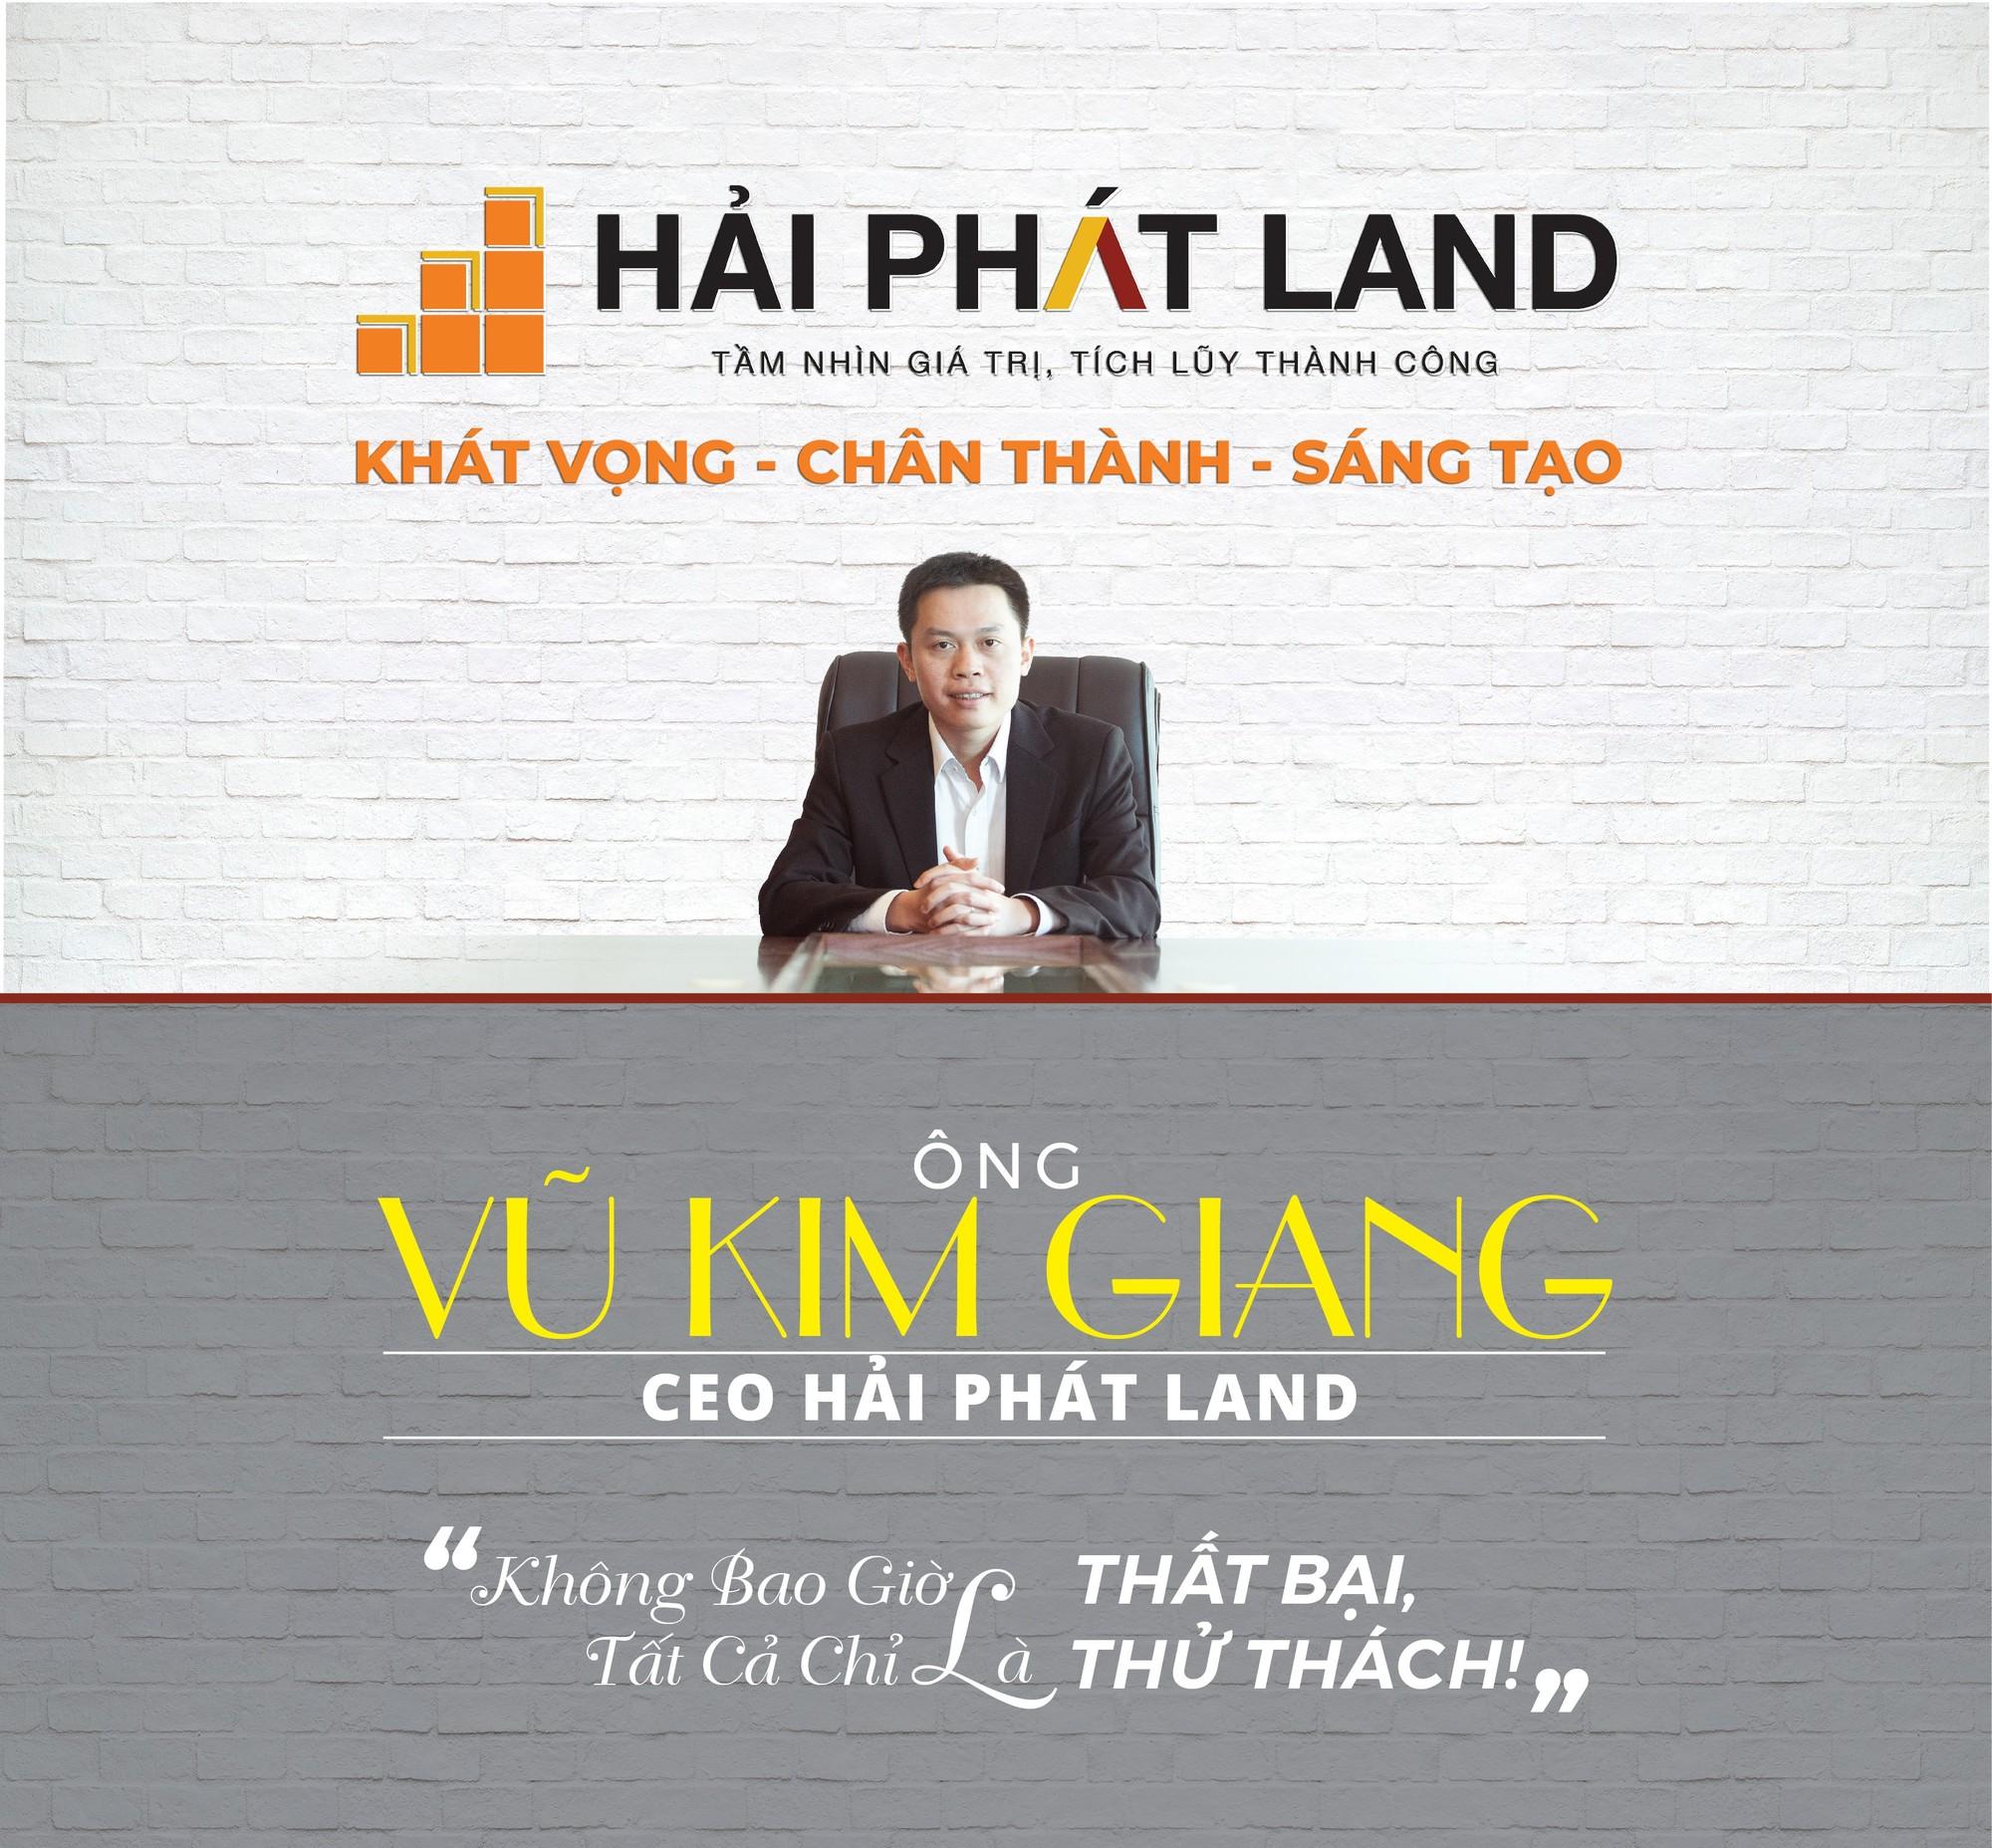 """Ông Vũ Kim Giang - CEO Hải Phát Land: """"Không bao giờ là thất bại, tất cả chỉ là thử thách!"""""""